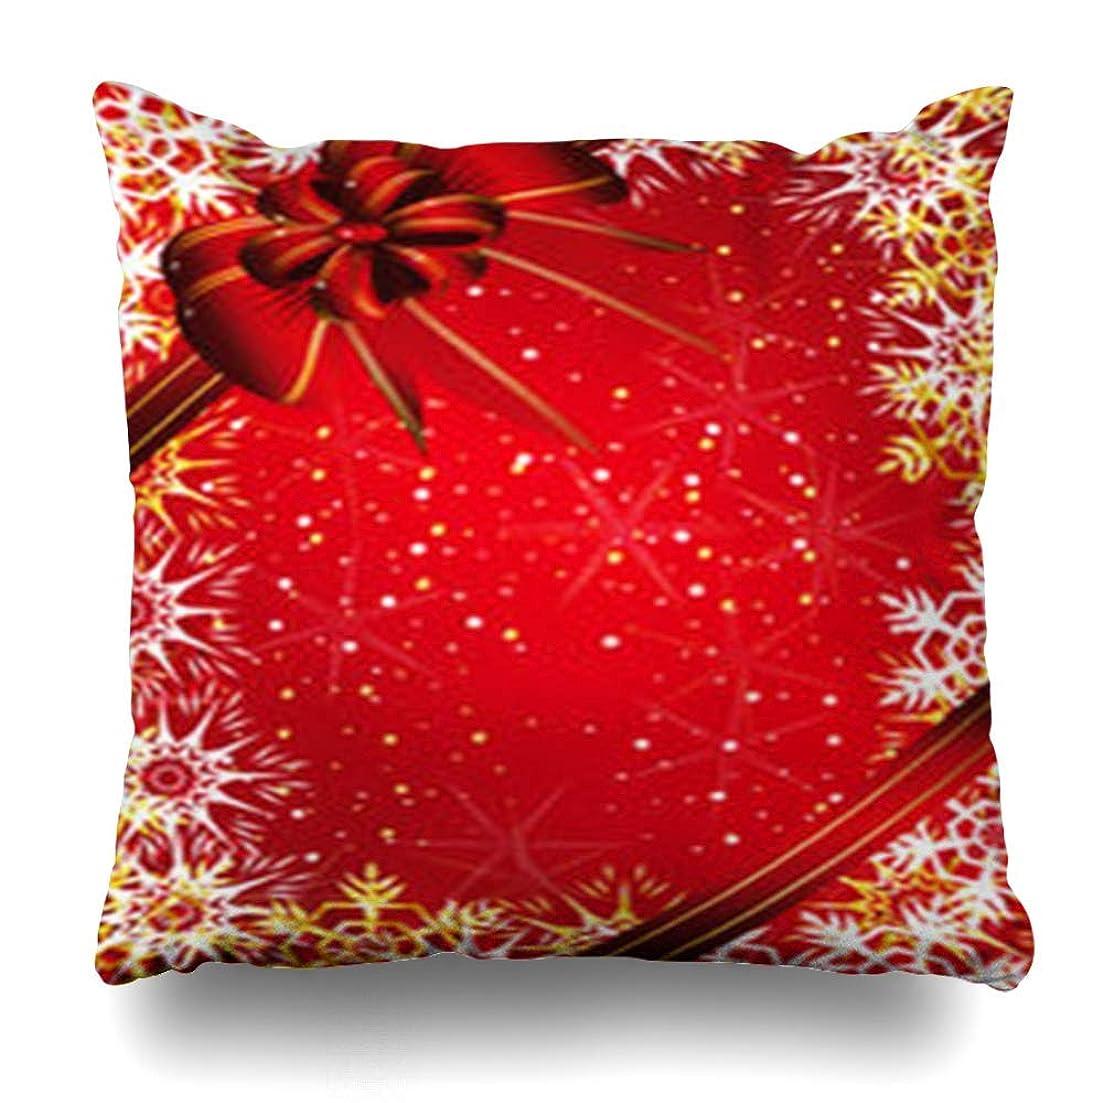 スクランブル氏飾るスロー枕カバー冬クリスマスネイチャーツリーホリデークリスマスモミ白Snowflakedesign定型化ホームデコレーションクッションケースSquare18 * 18インチ装飾ソファ枕カバー